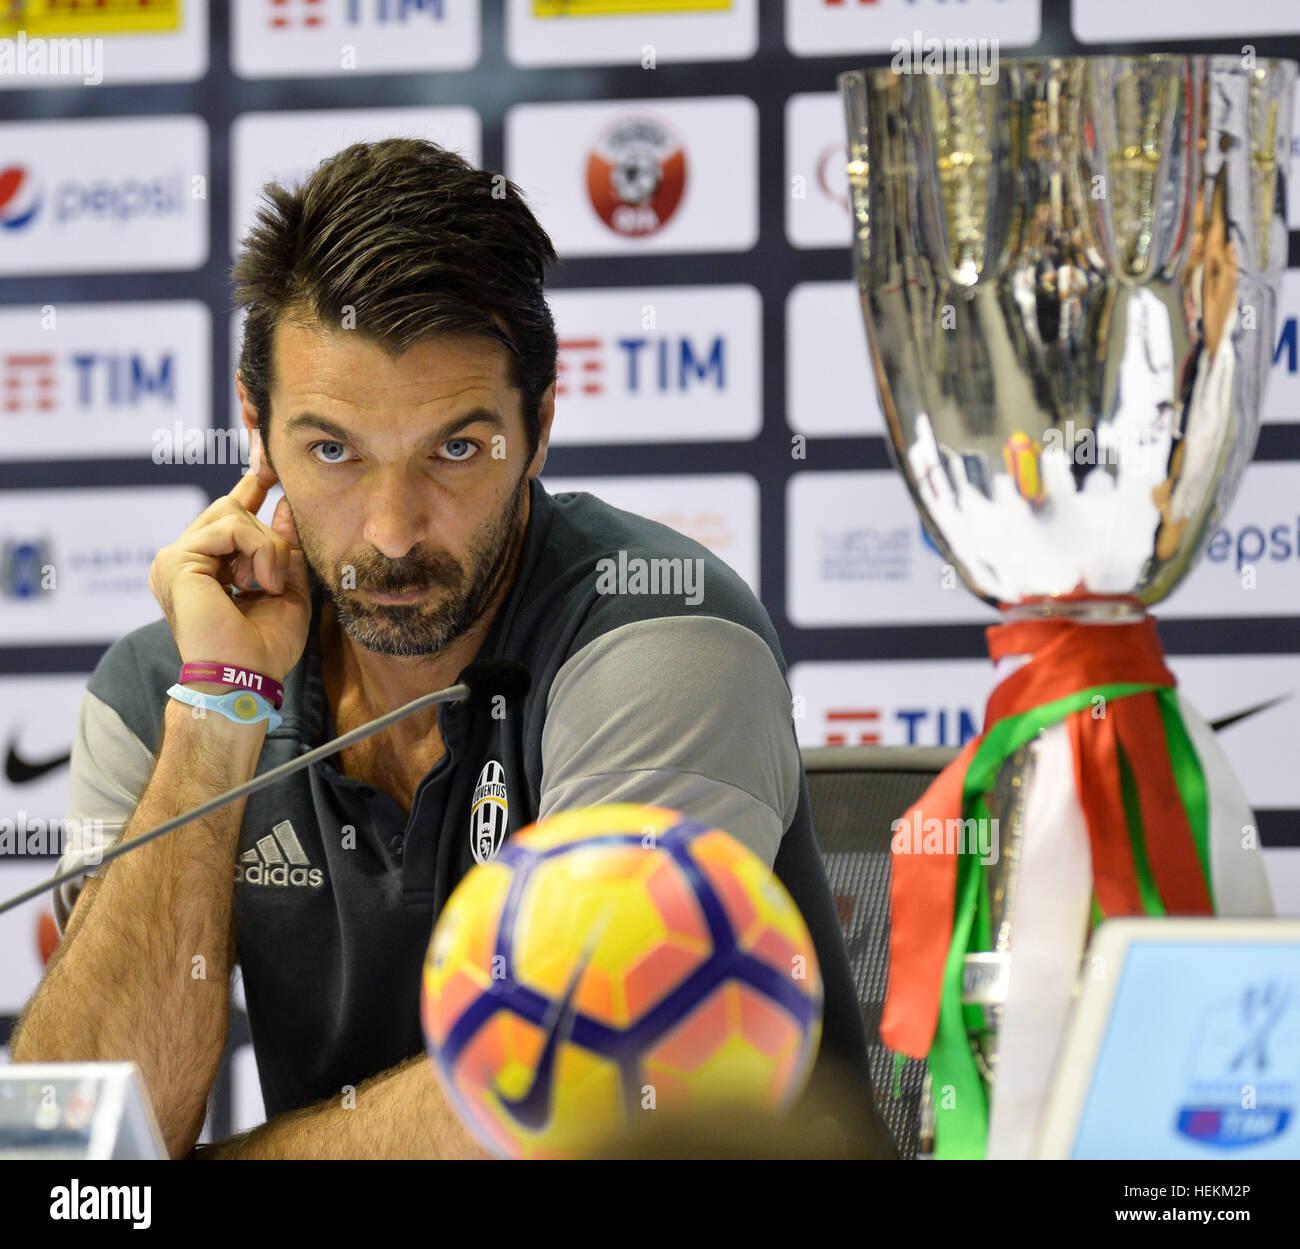 (161223) -- DOHA, le 23 décembre 2016, (Xinhua) -- la Juventus' gardien italien Gianluigi Buffon ressemble Photo Stock